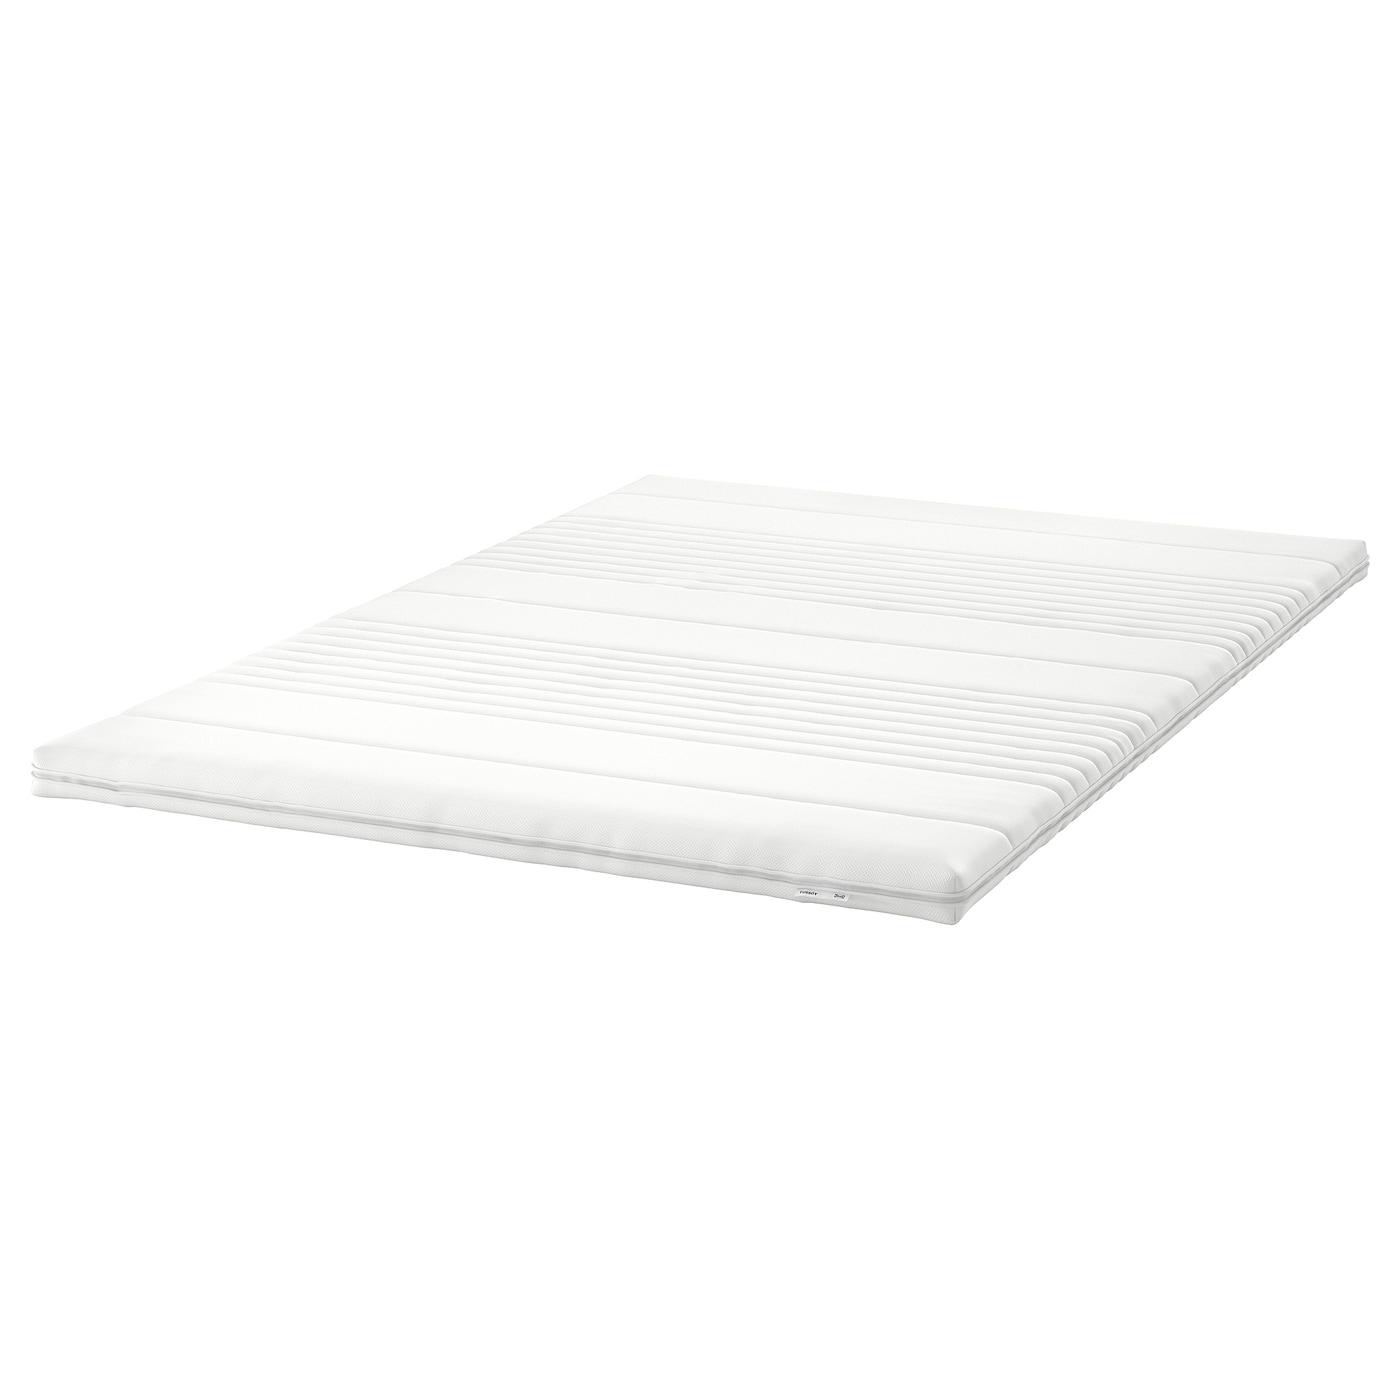 Mattress Topper Mattress Pads Memory Foam Mattress Topper Ikea